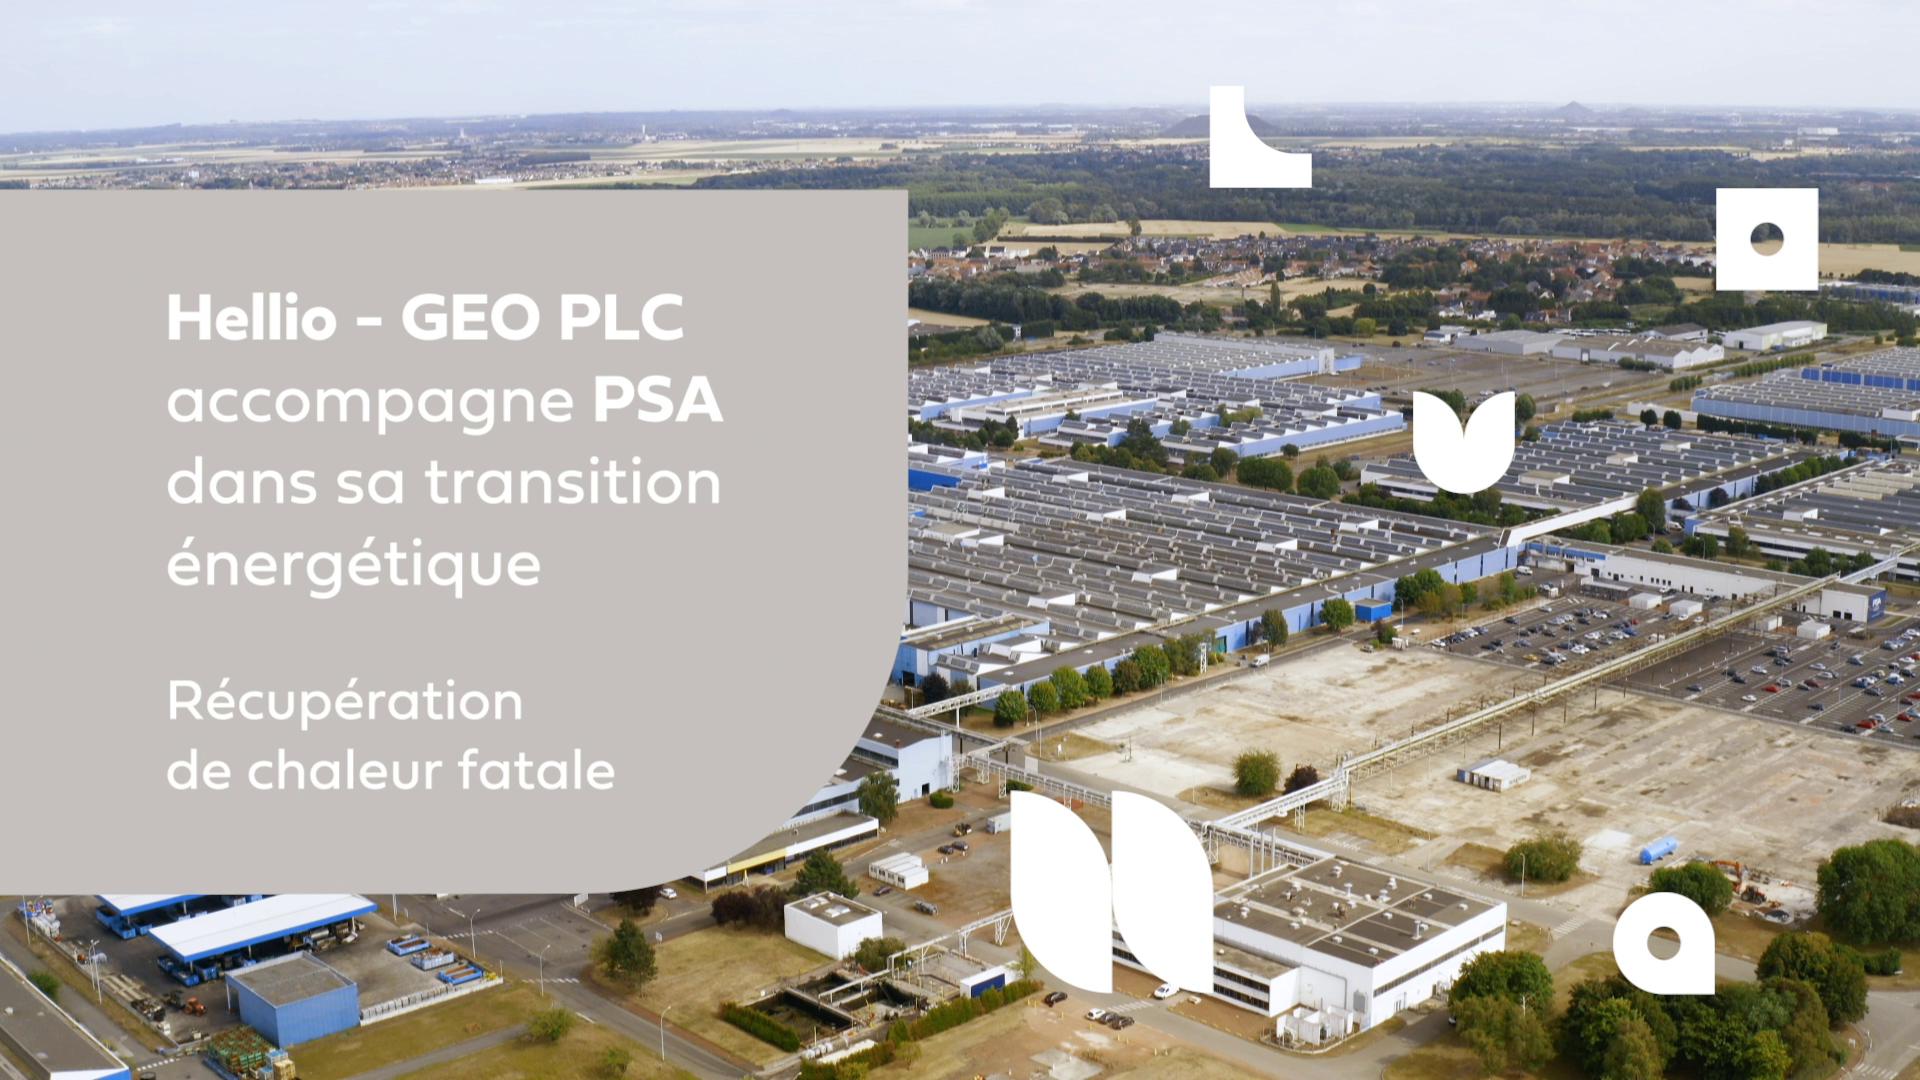 [Grand Comptes]vidéo-PSA-solution industrie0-Hellio - GEO PLC